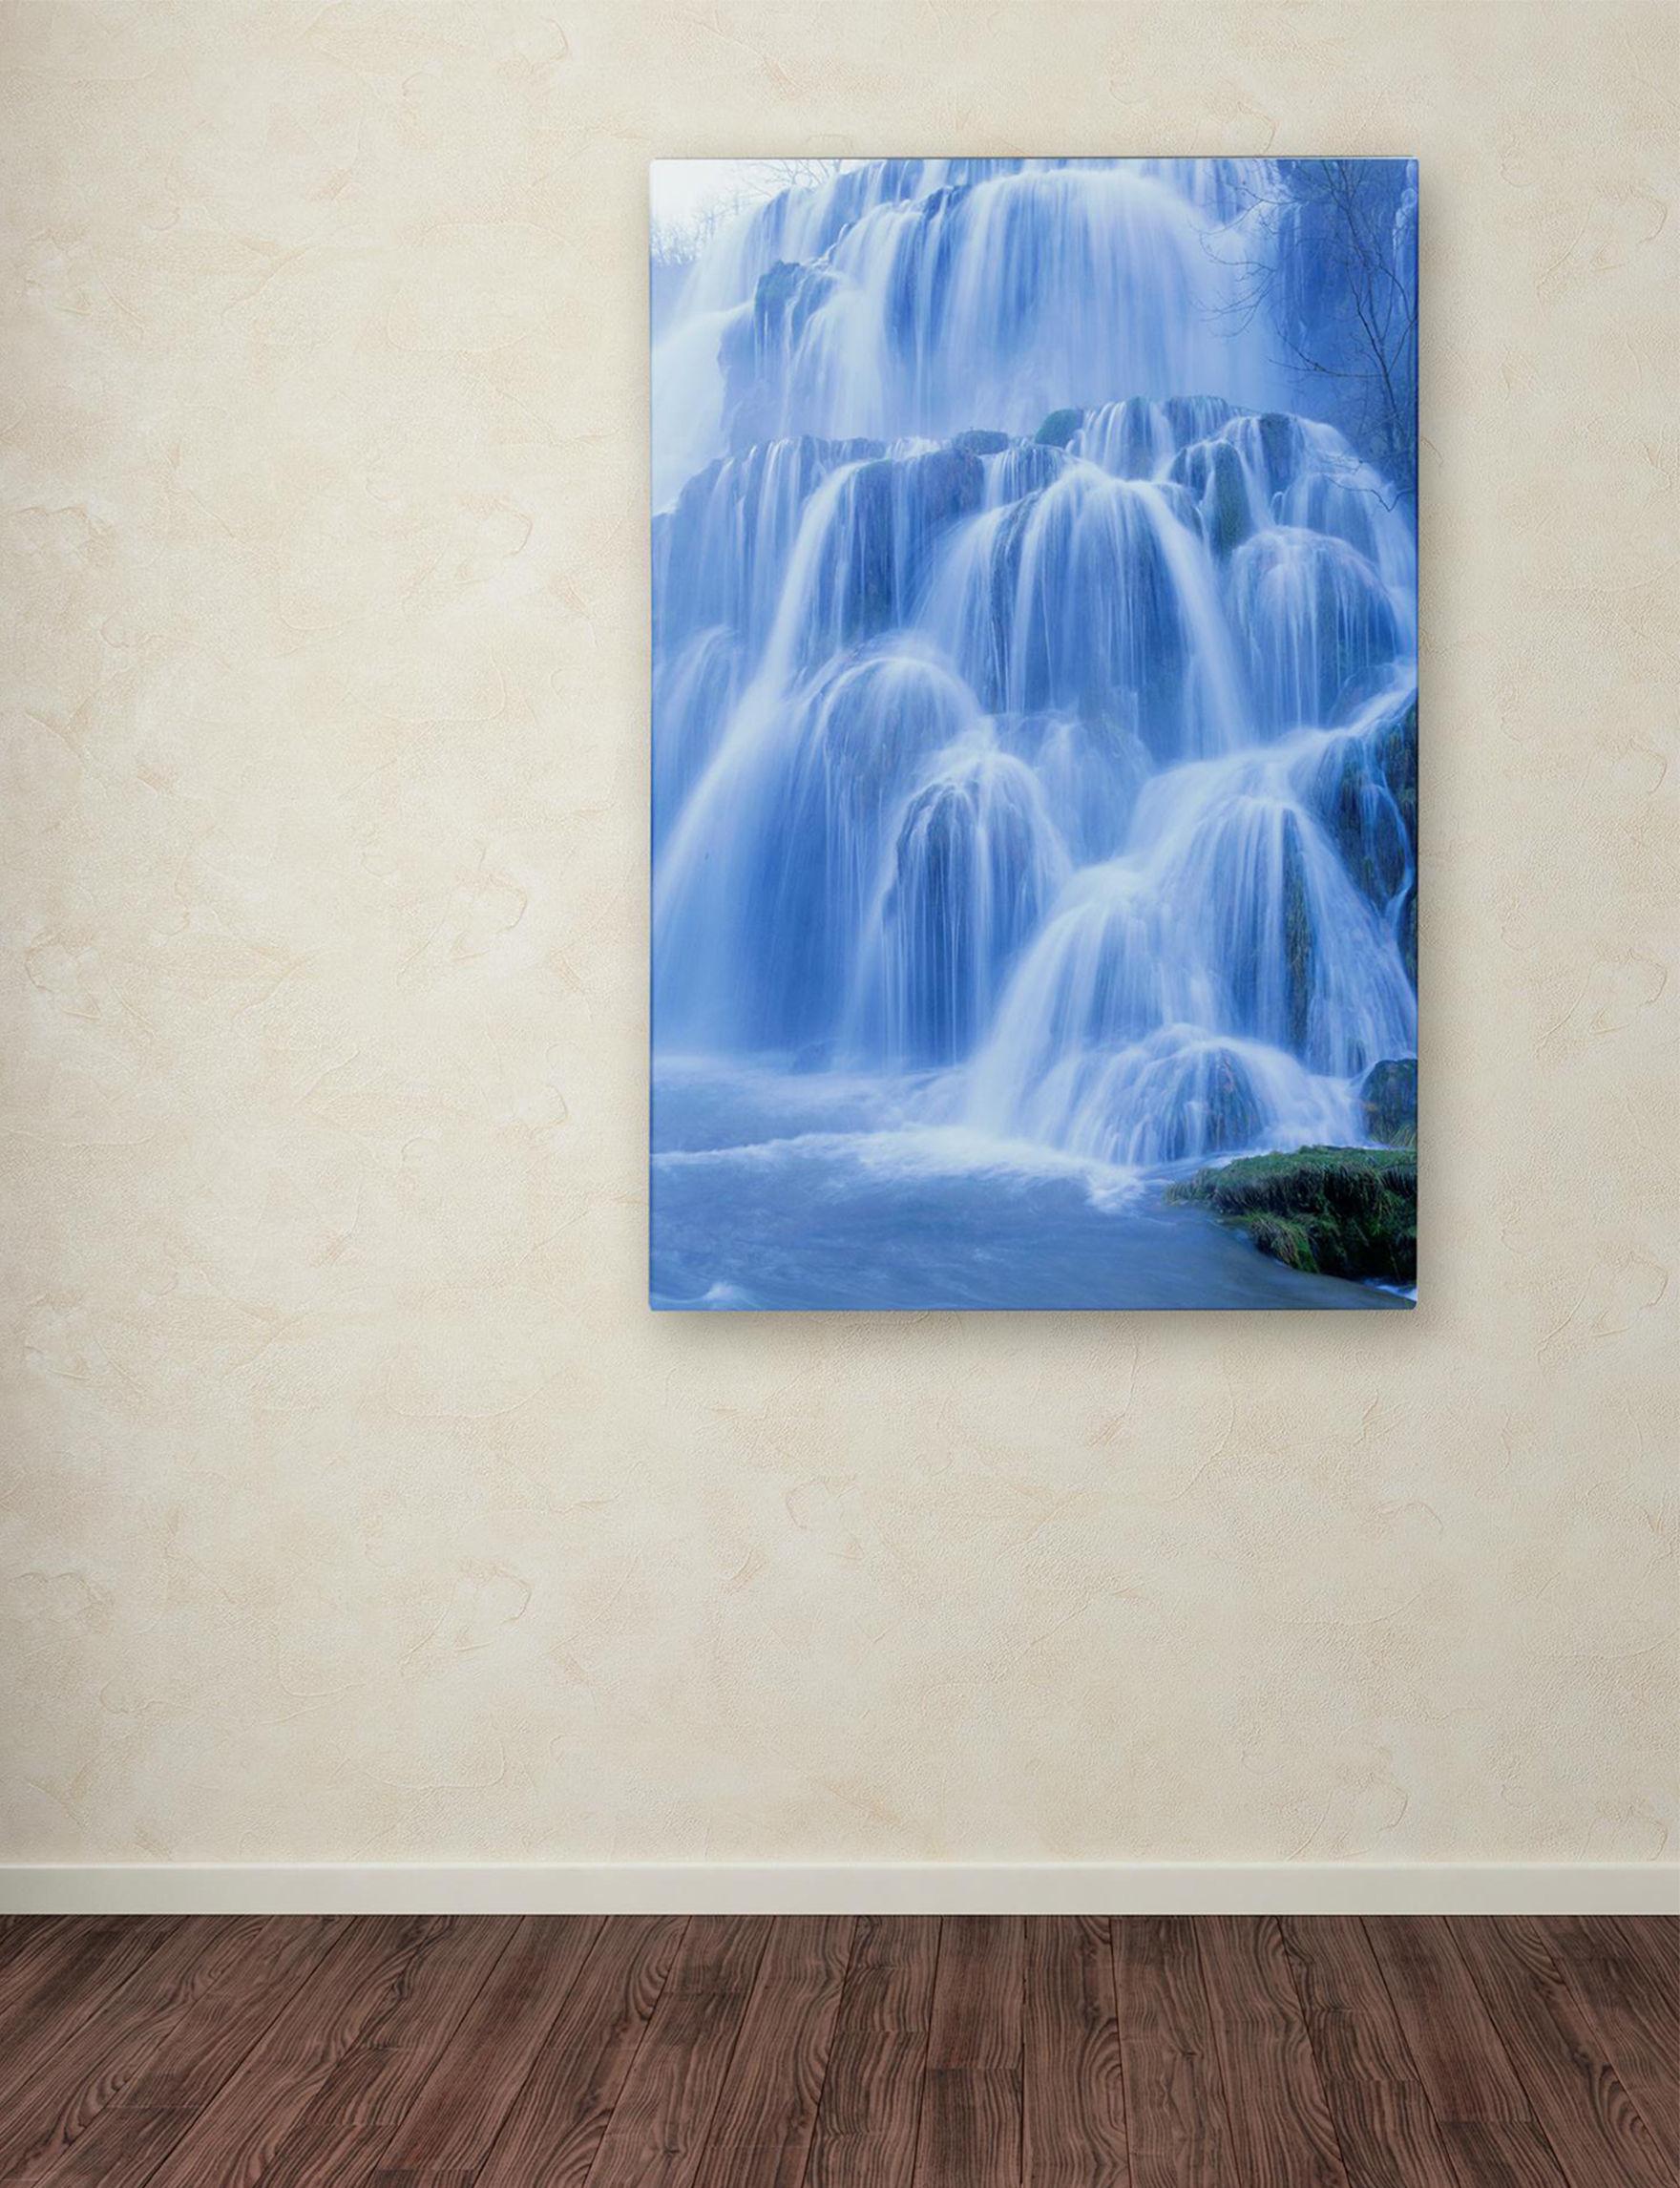 Trademark Fine Art Blue Wall Art Wall Decor